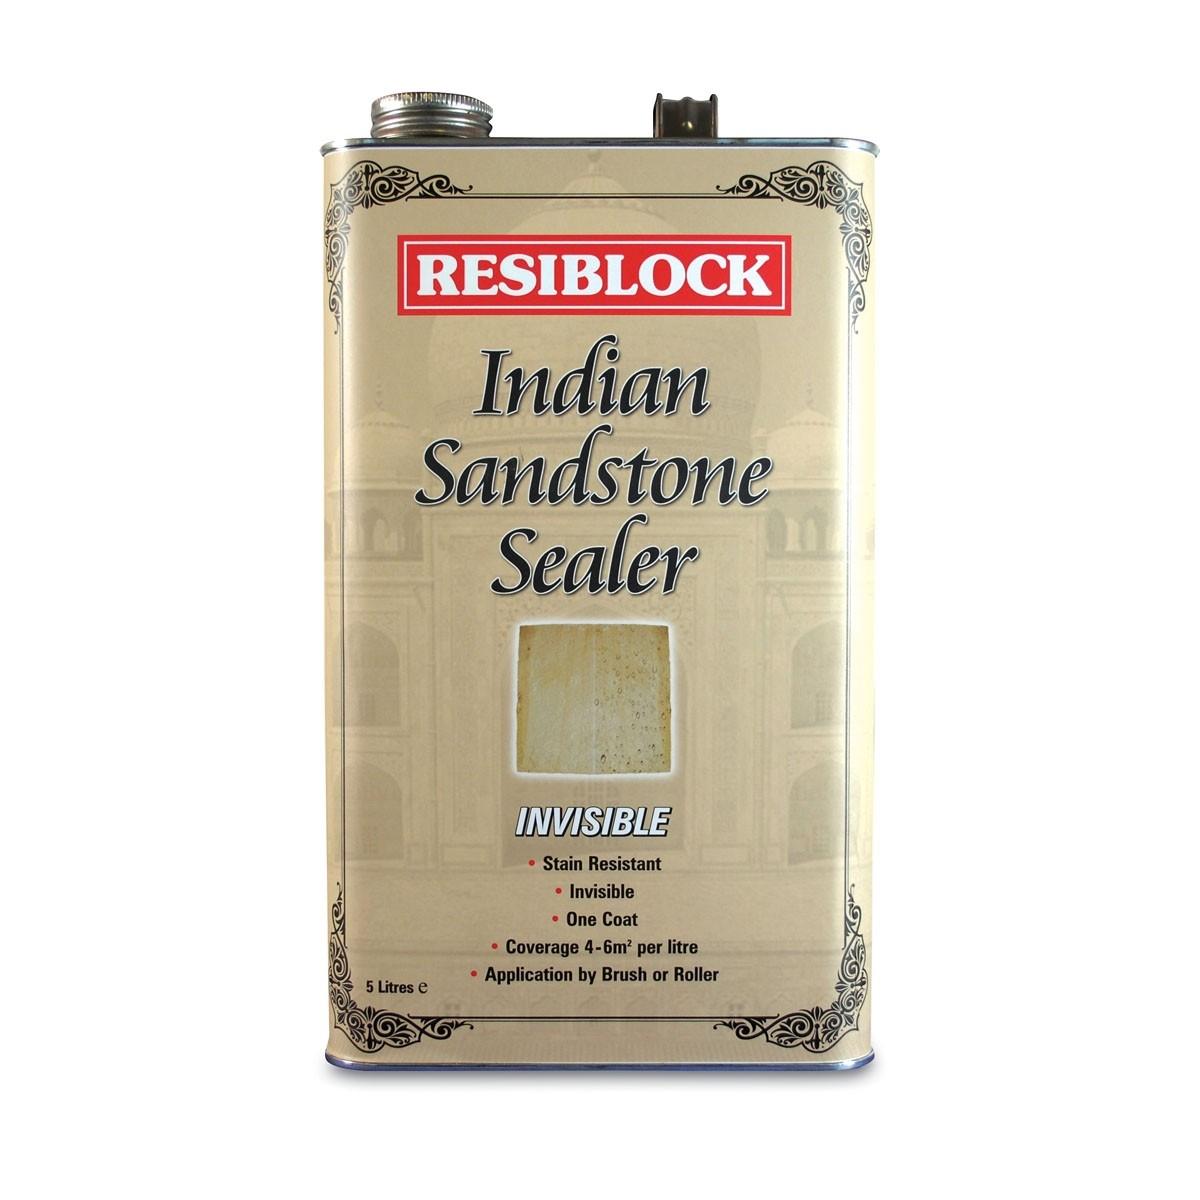 Indian sandstone sealer